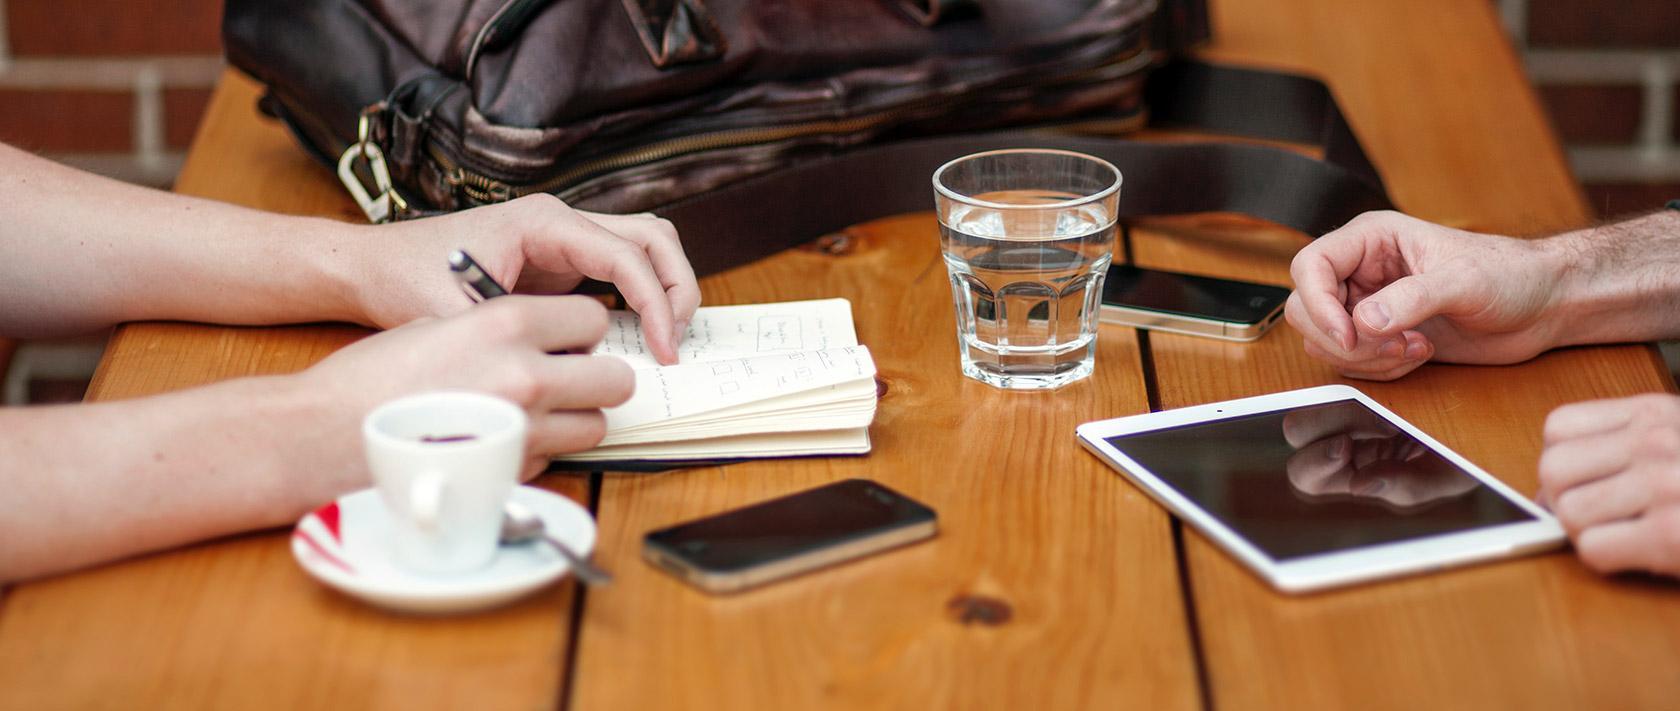 Entrevistar ayuda a definir arquetipos de usuarios